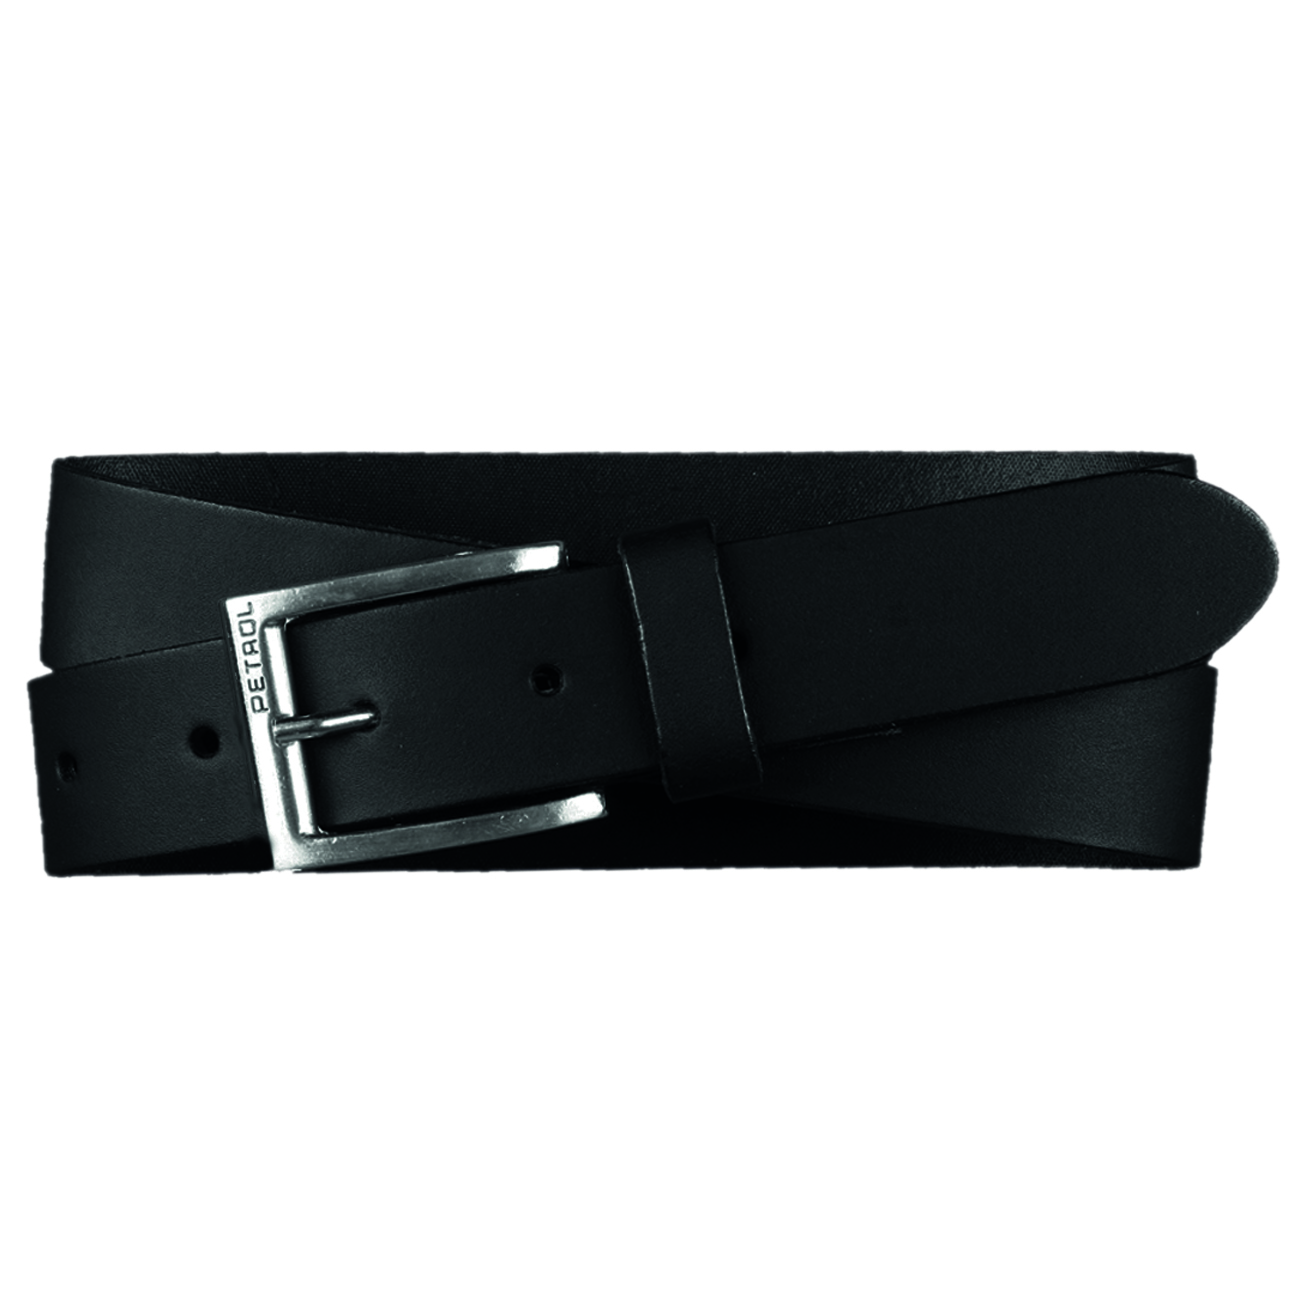 PETROL Industries Ledergürtel Leder Gürtel schwarz PE16 35350 black